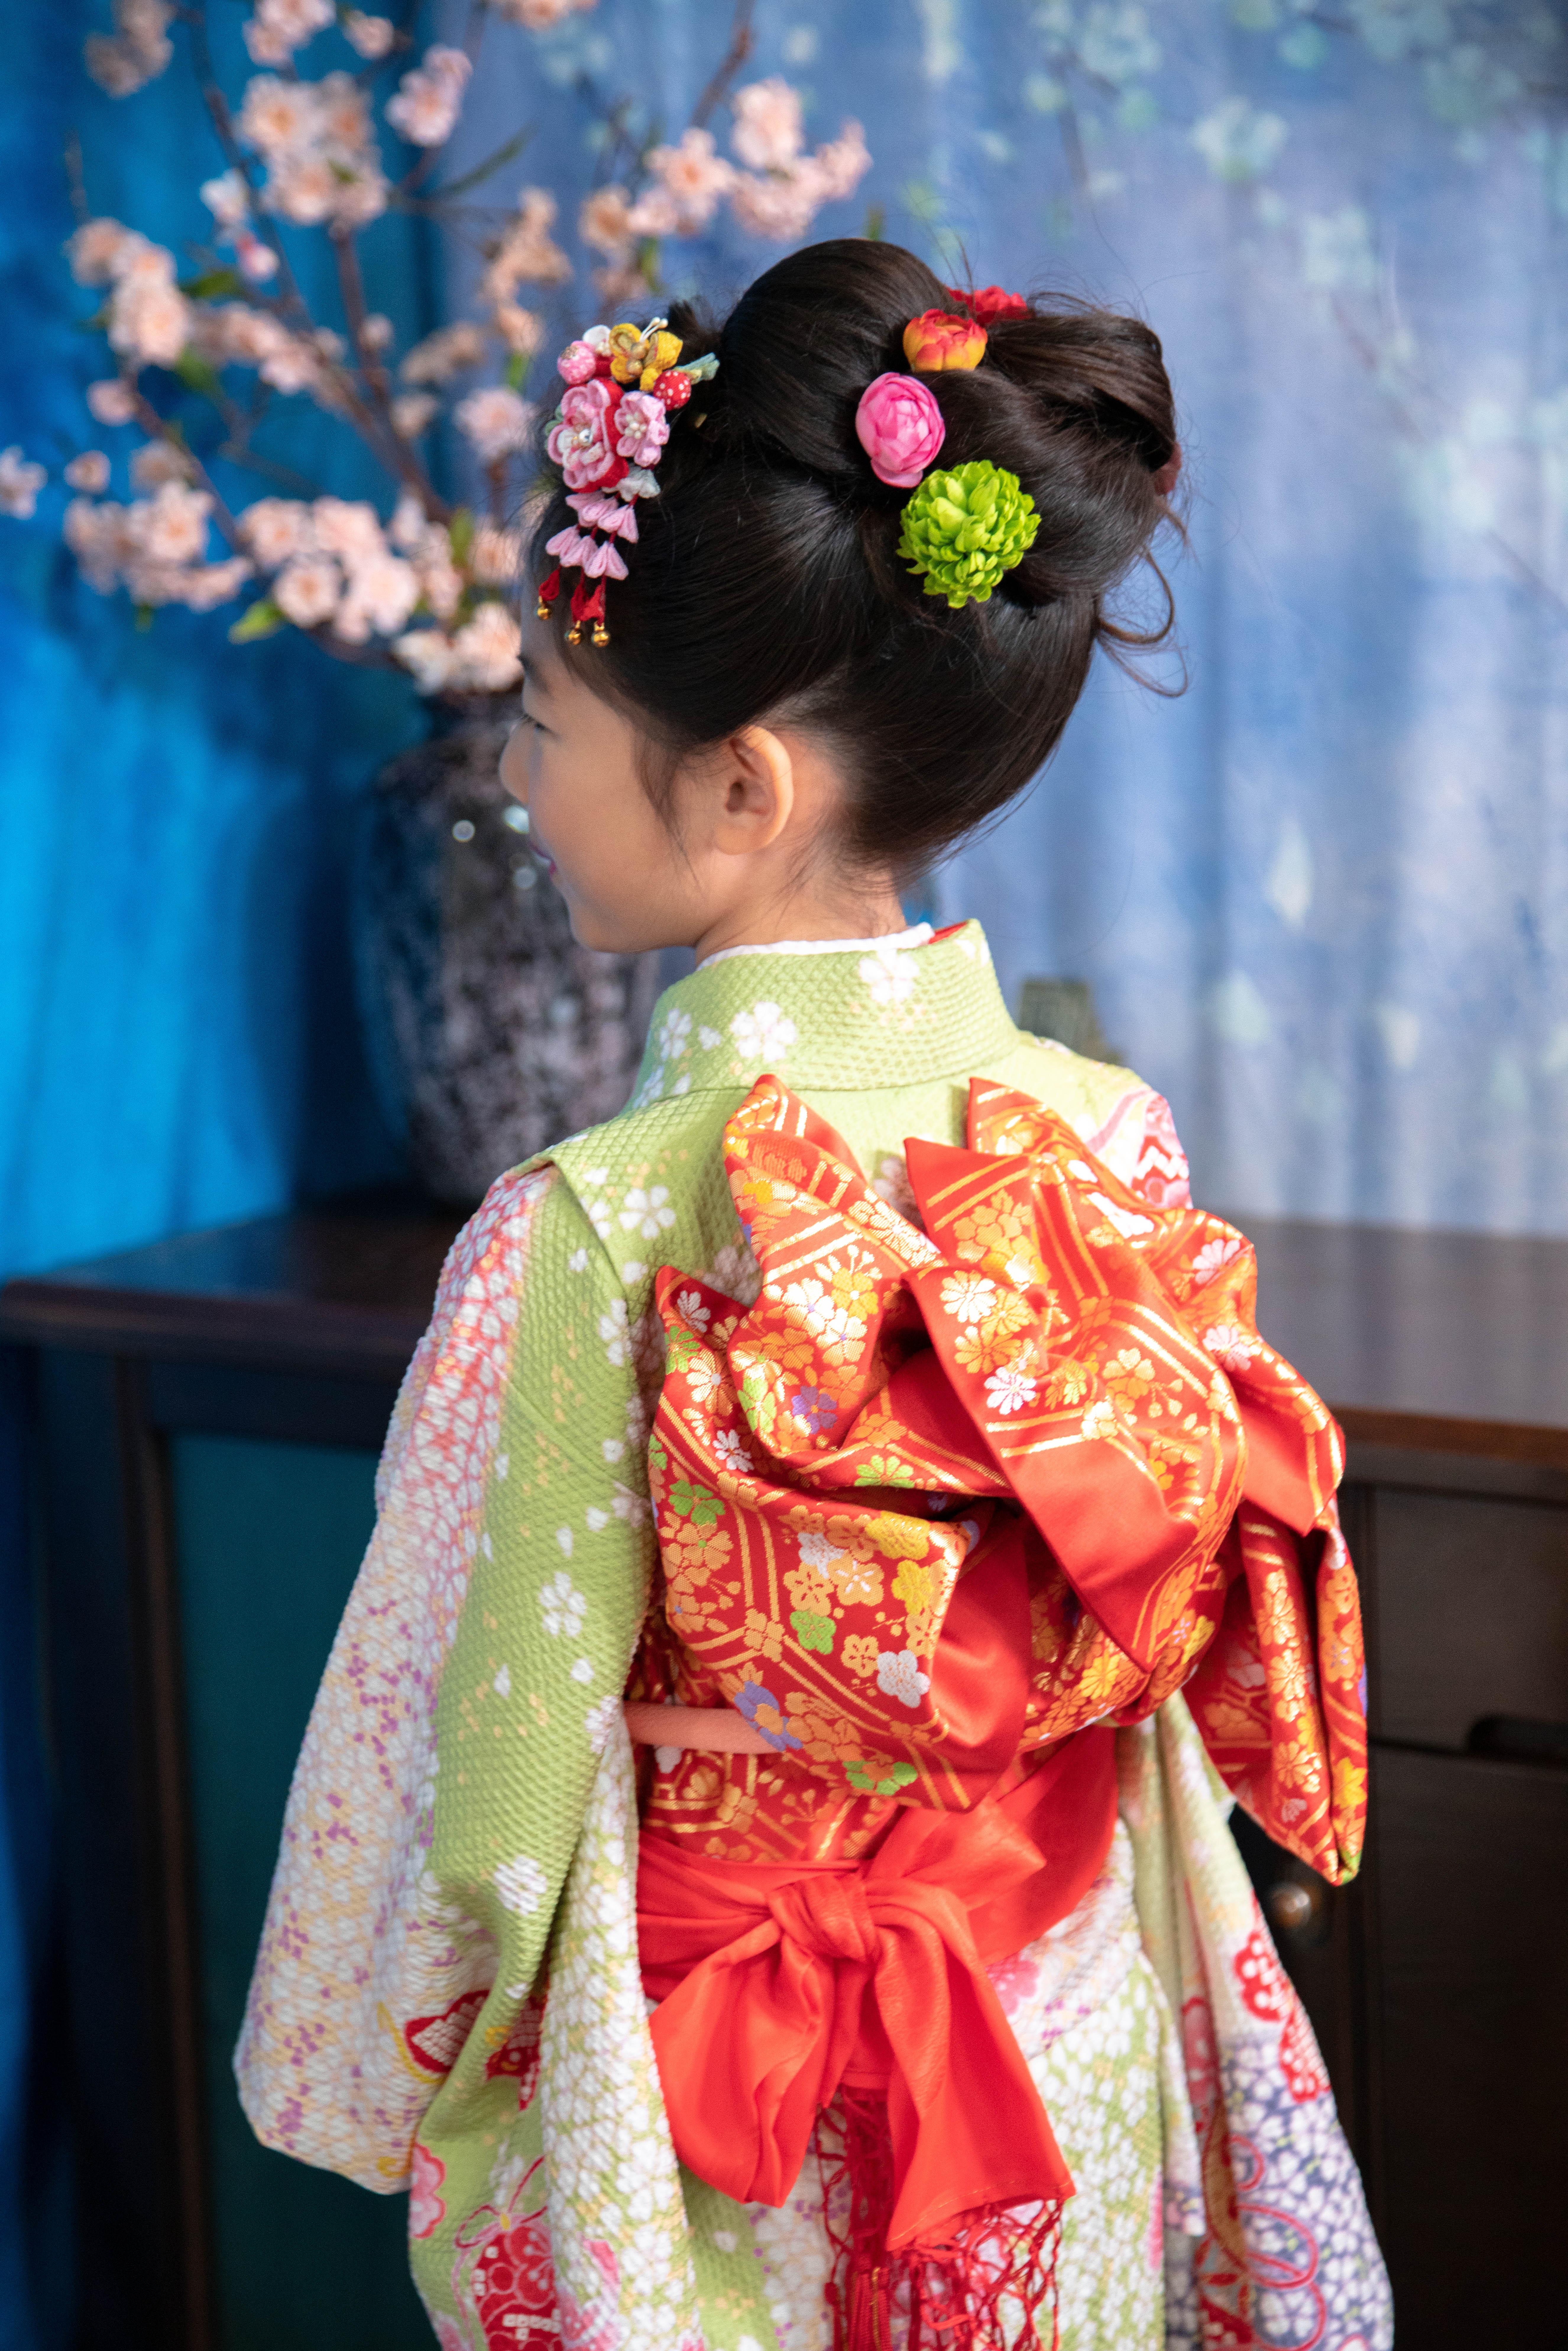 川口蕨で7歳女の子着物レンタルは鈴木写真スタヂオ